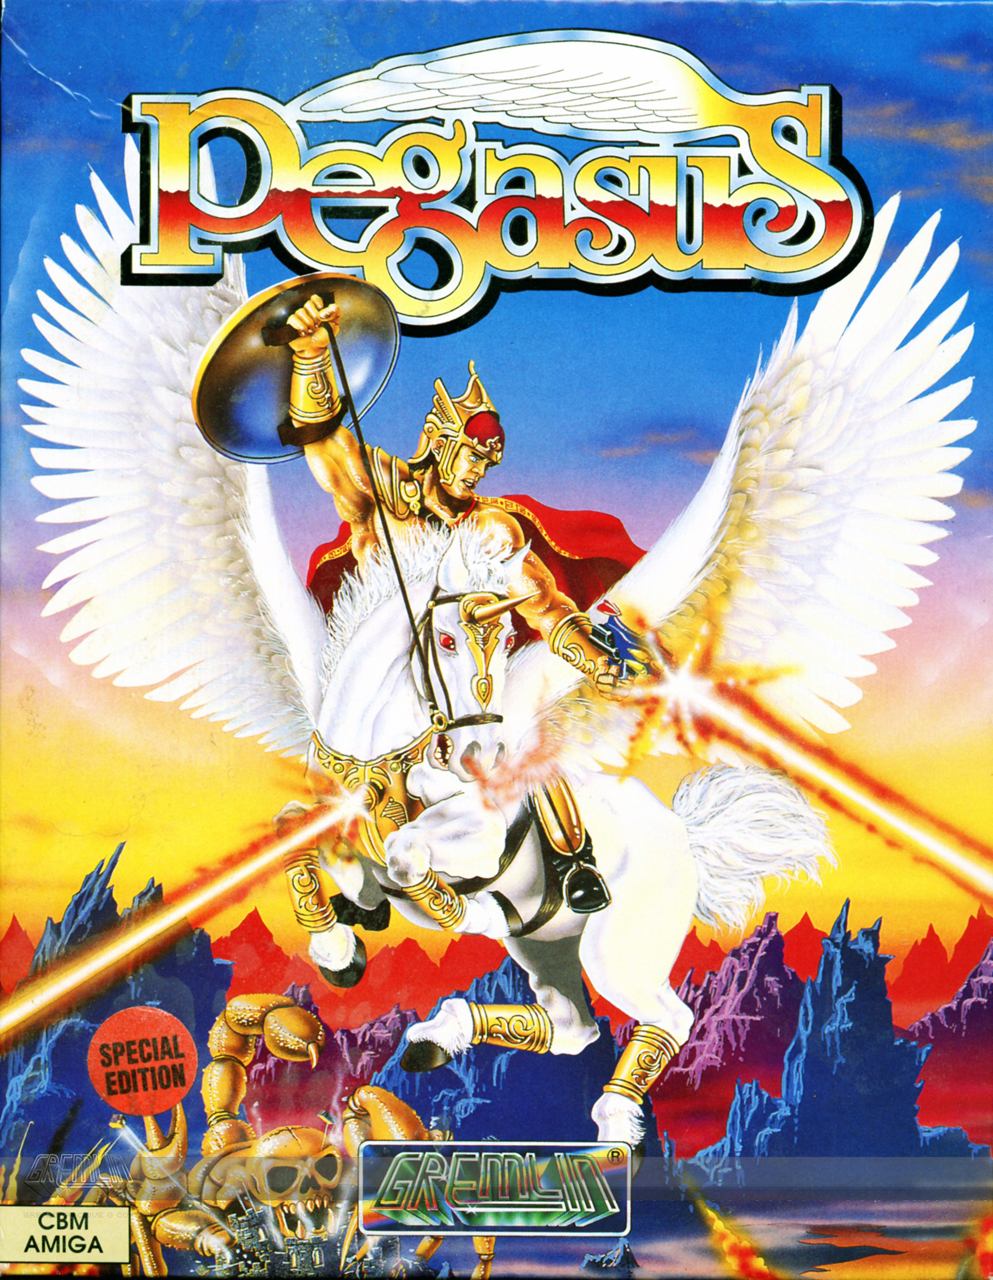 Pegasus Special Edition